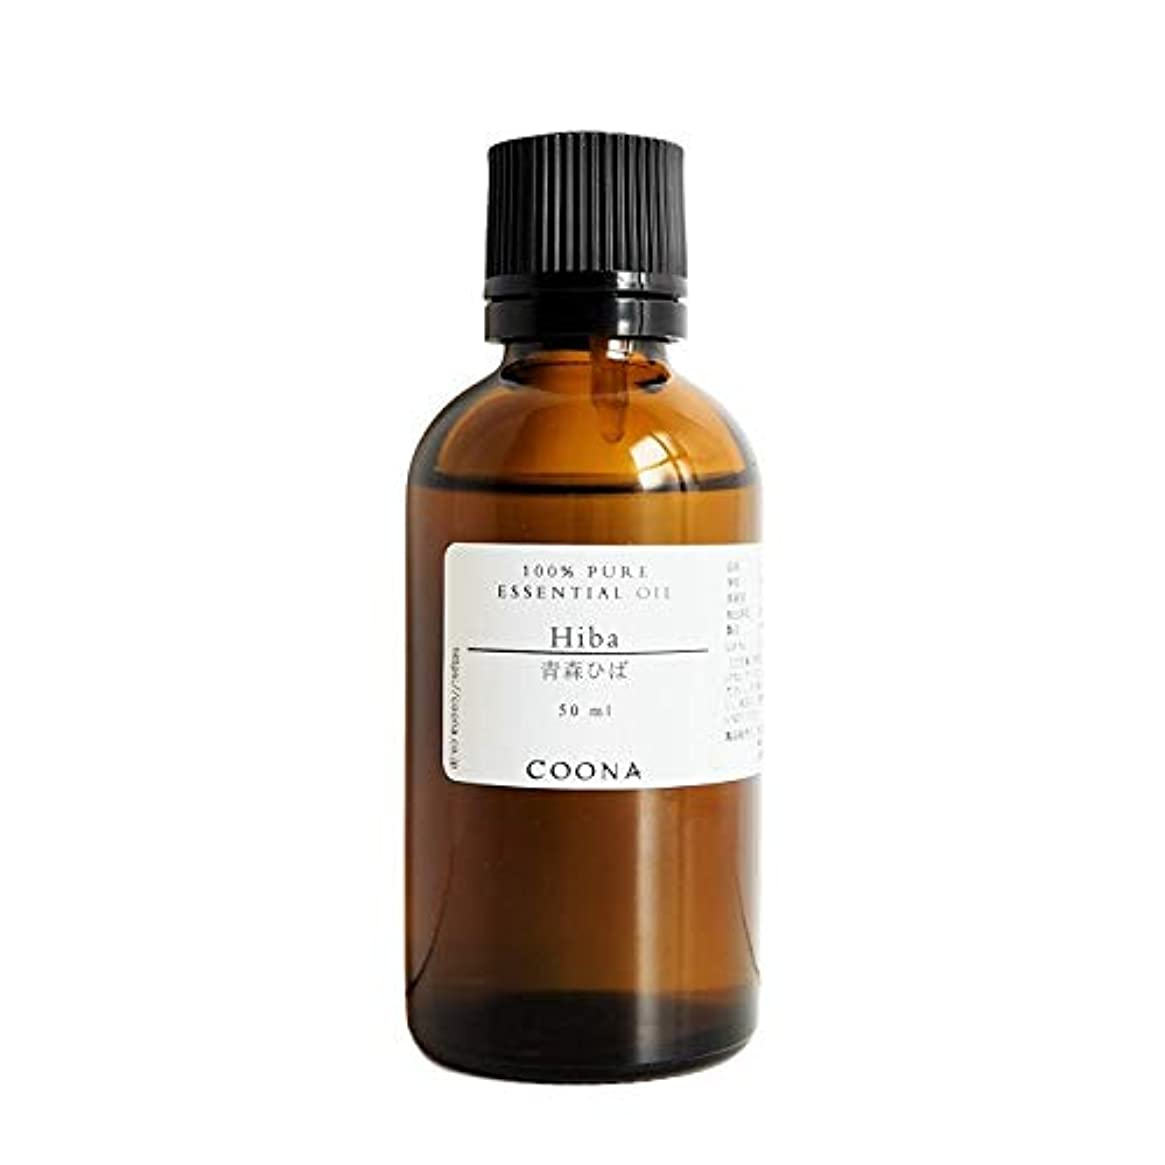 暗唱する免疫抵抗青森ひば 50 ml (COONA エッセンシャルオイル アロマオイル 100% 天然植物精油)